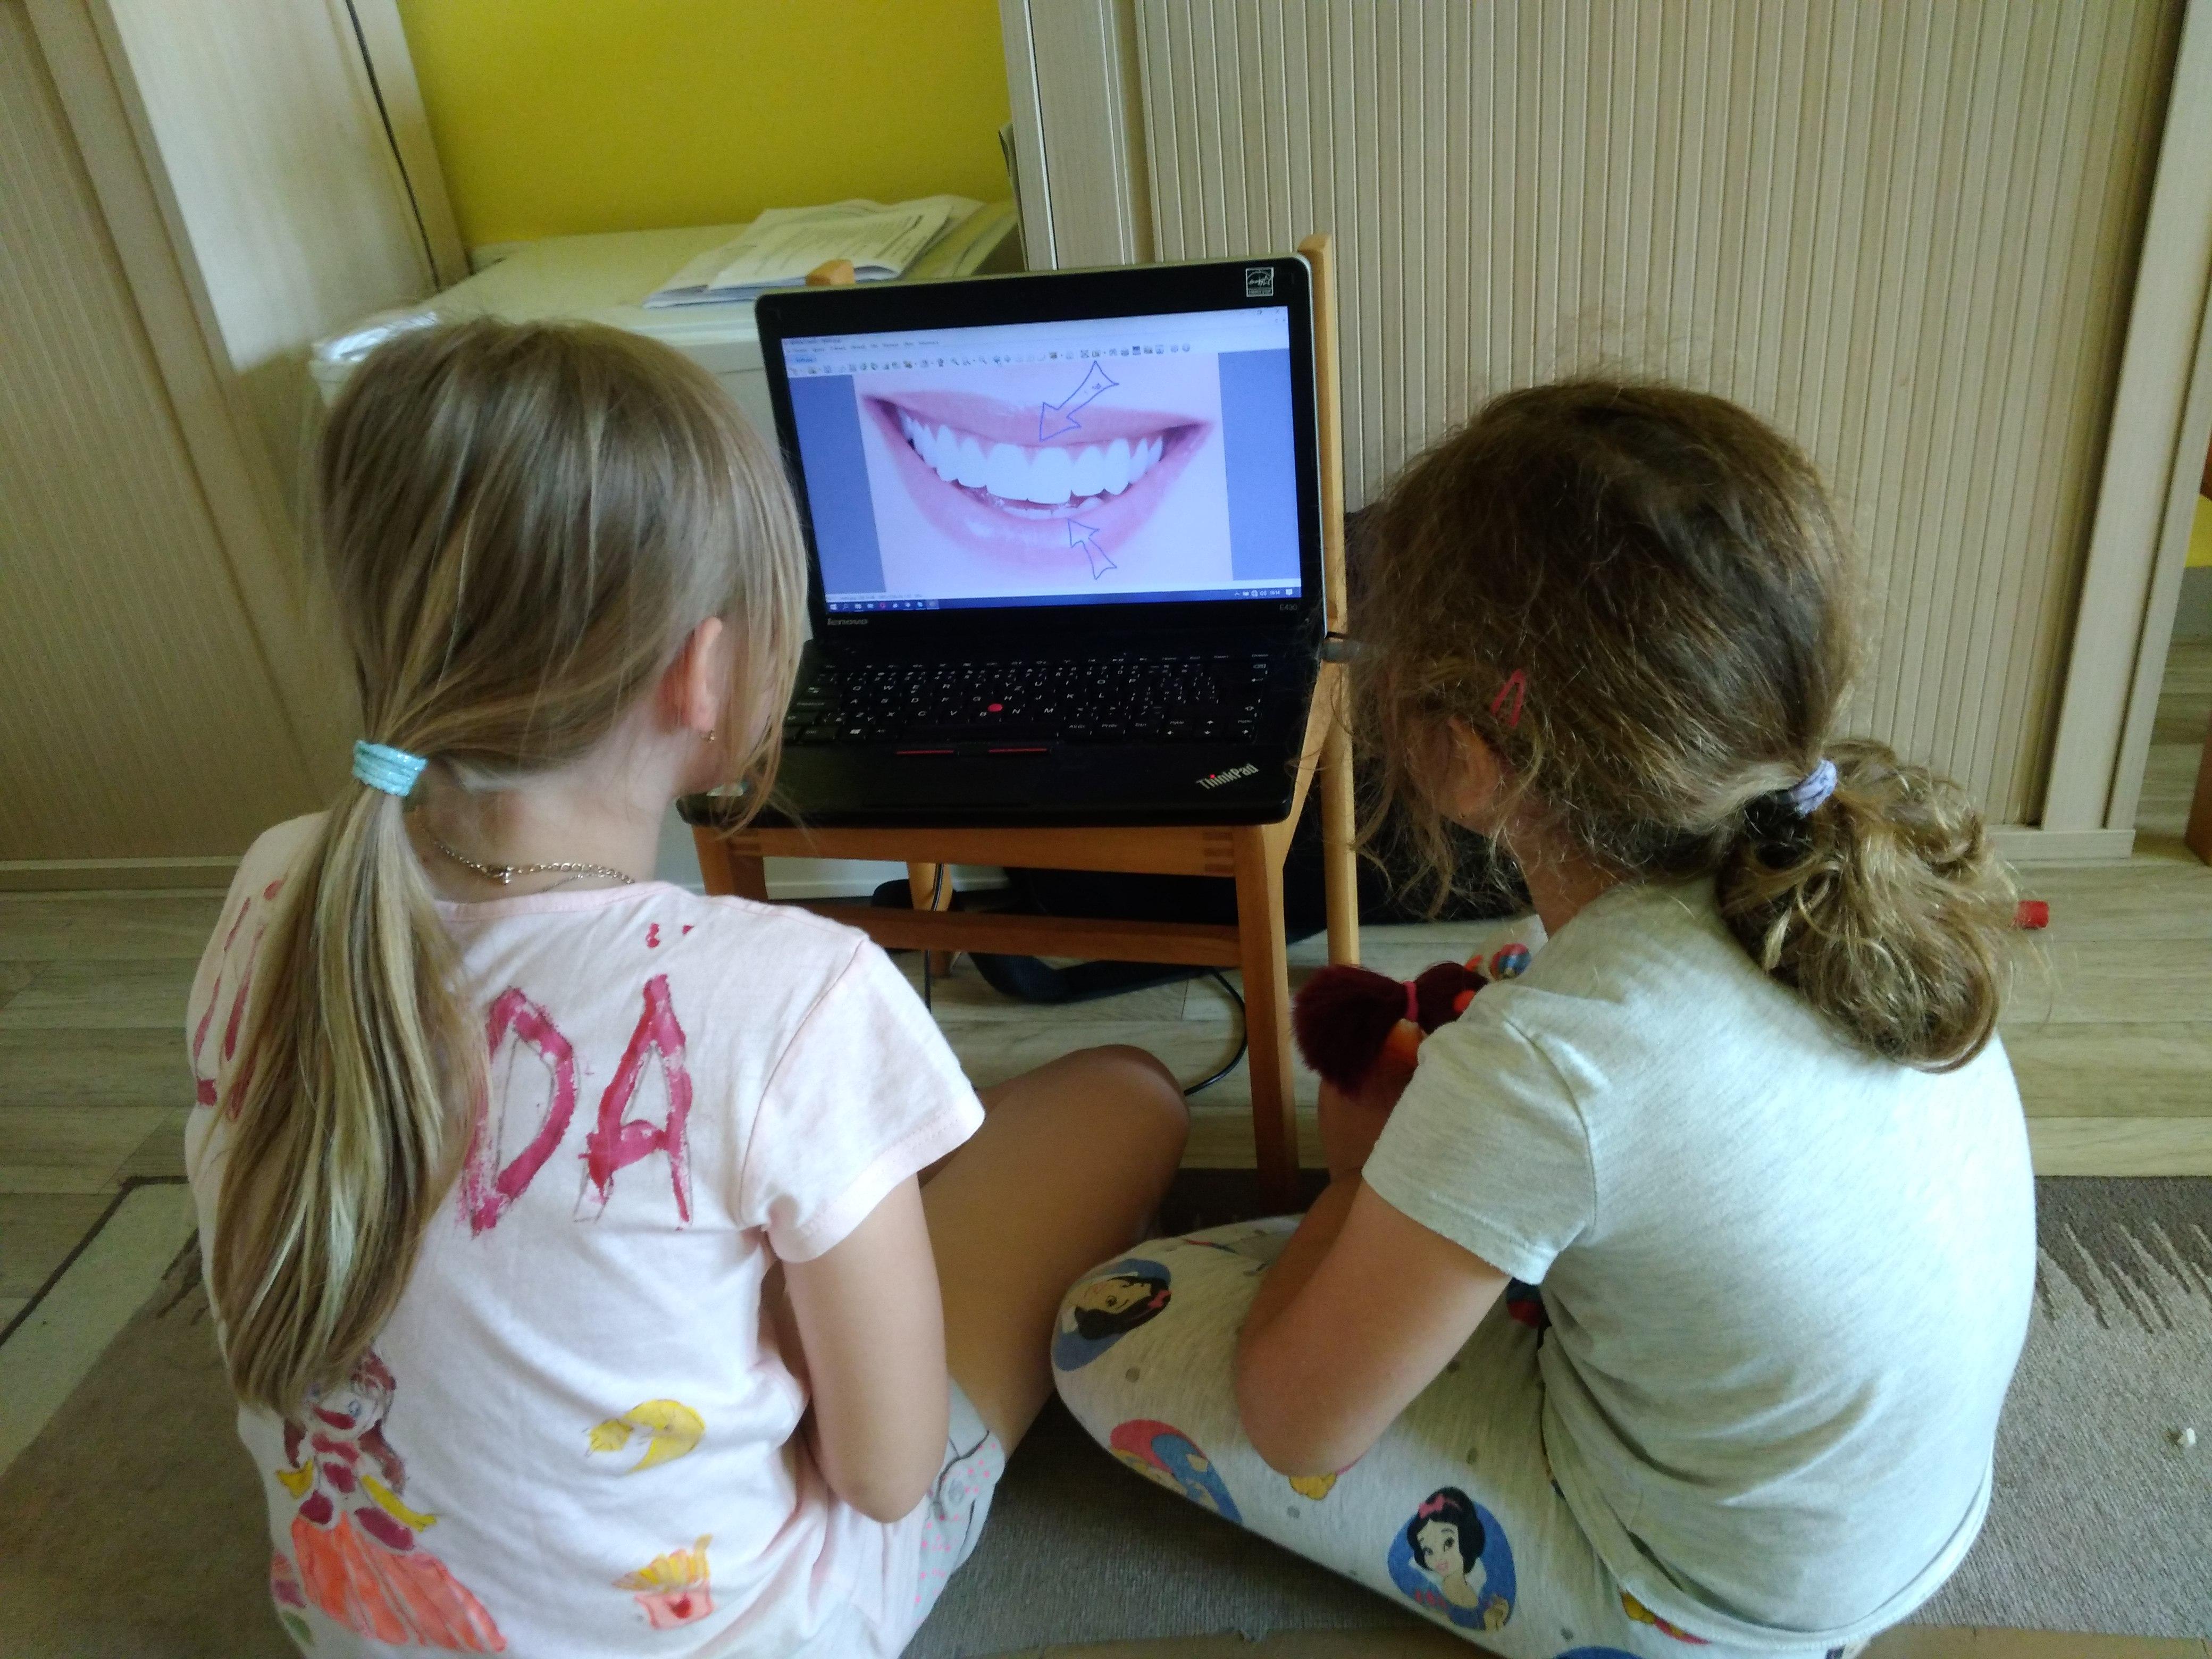 Jazykohrátky- anglická konverzace pro děti